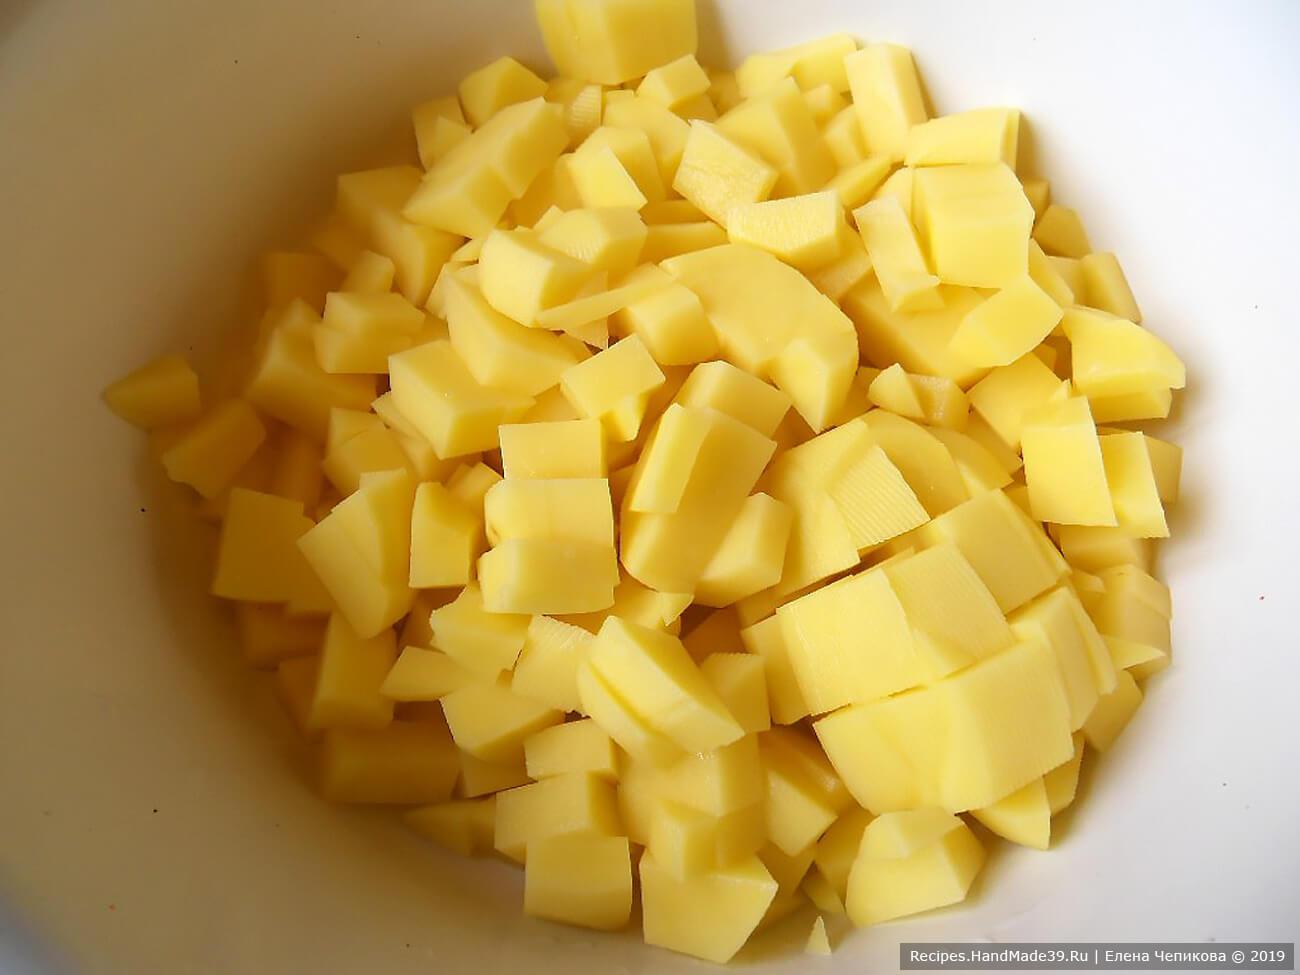 Картофель вымыть, очистить. Нарезать мелкими кубиками